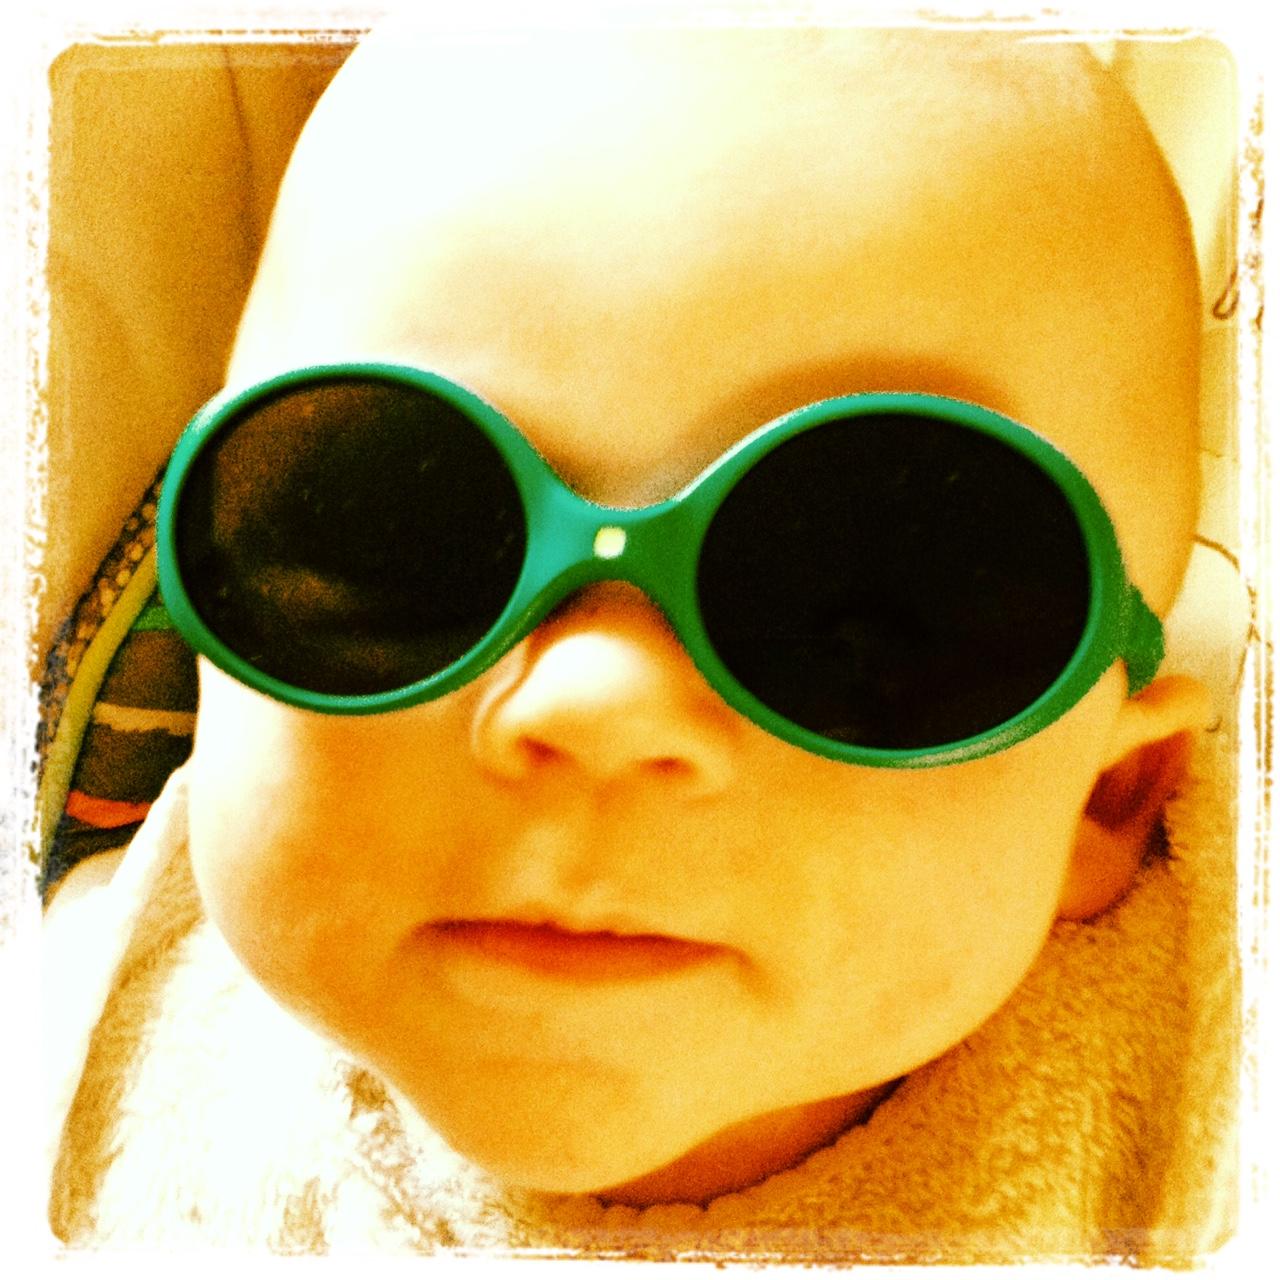 Bébé qui frime avec ses premières lunettes de soleil